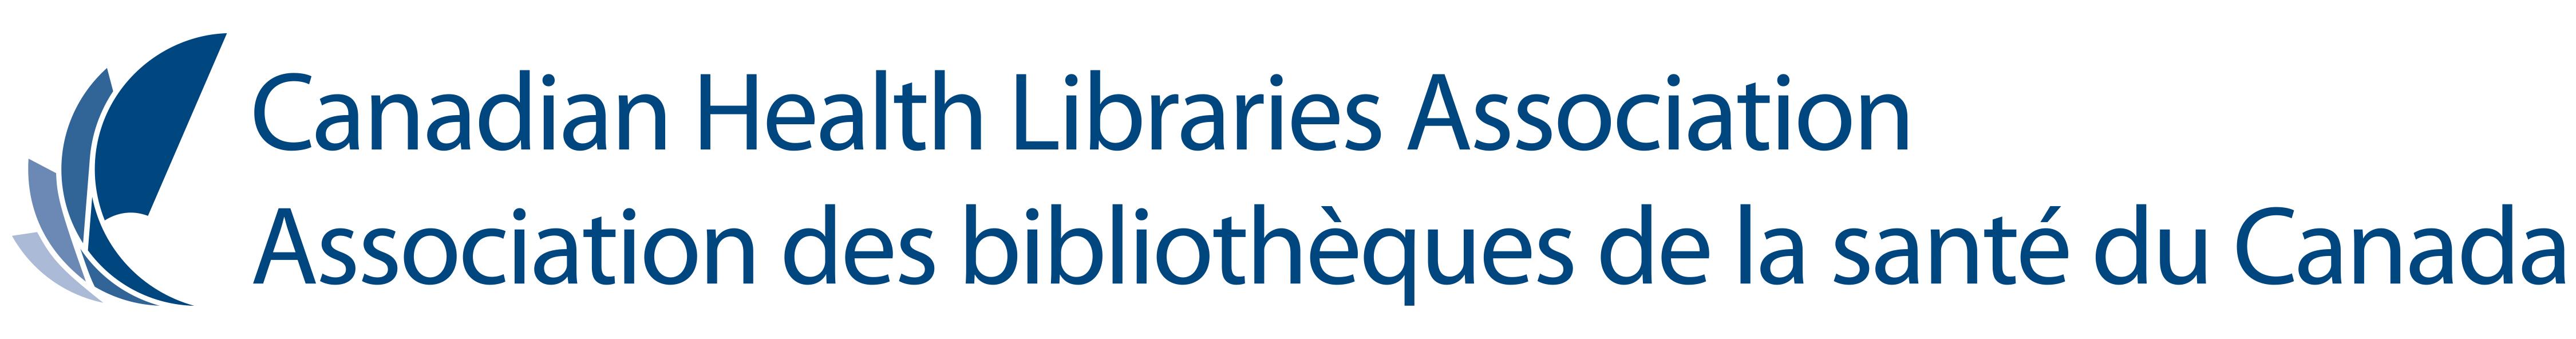 Canadian Health Libraries Association / Association des bibliothèques de la santé du Canada